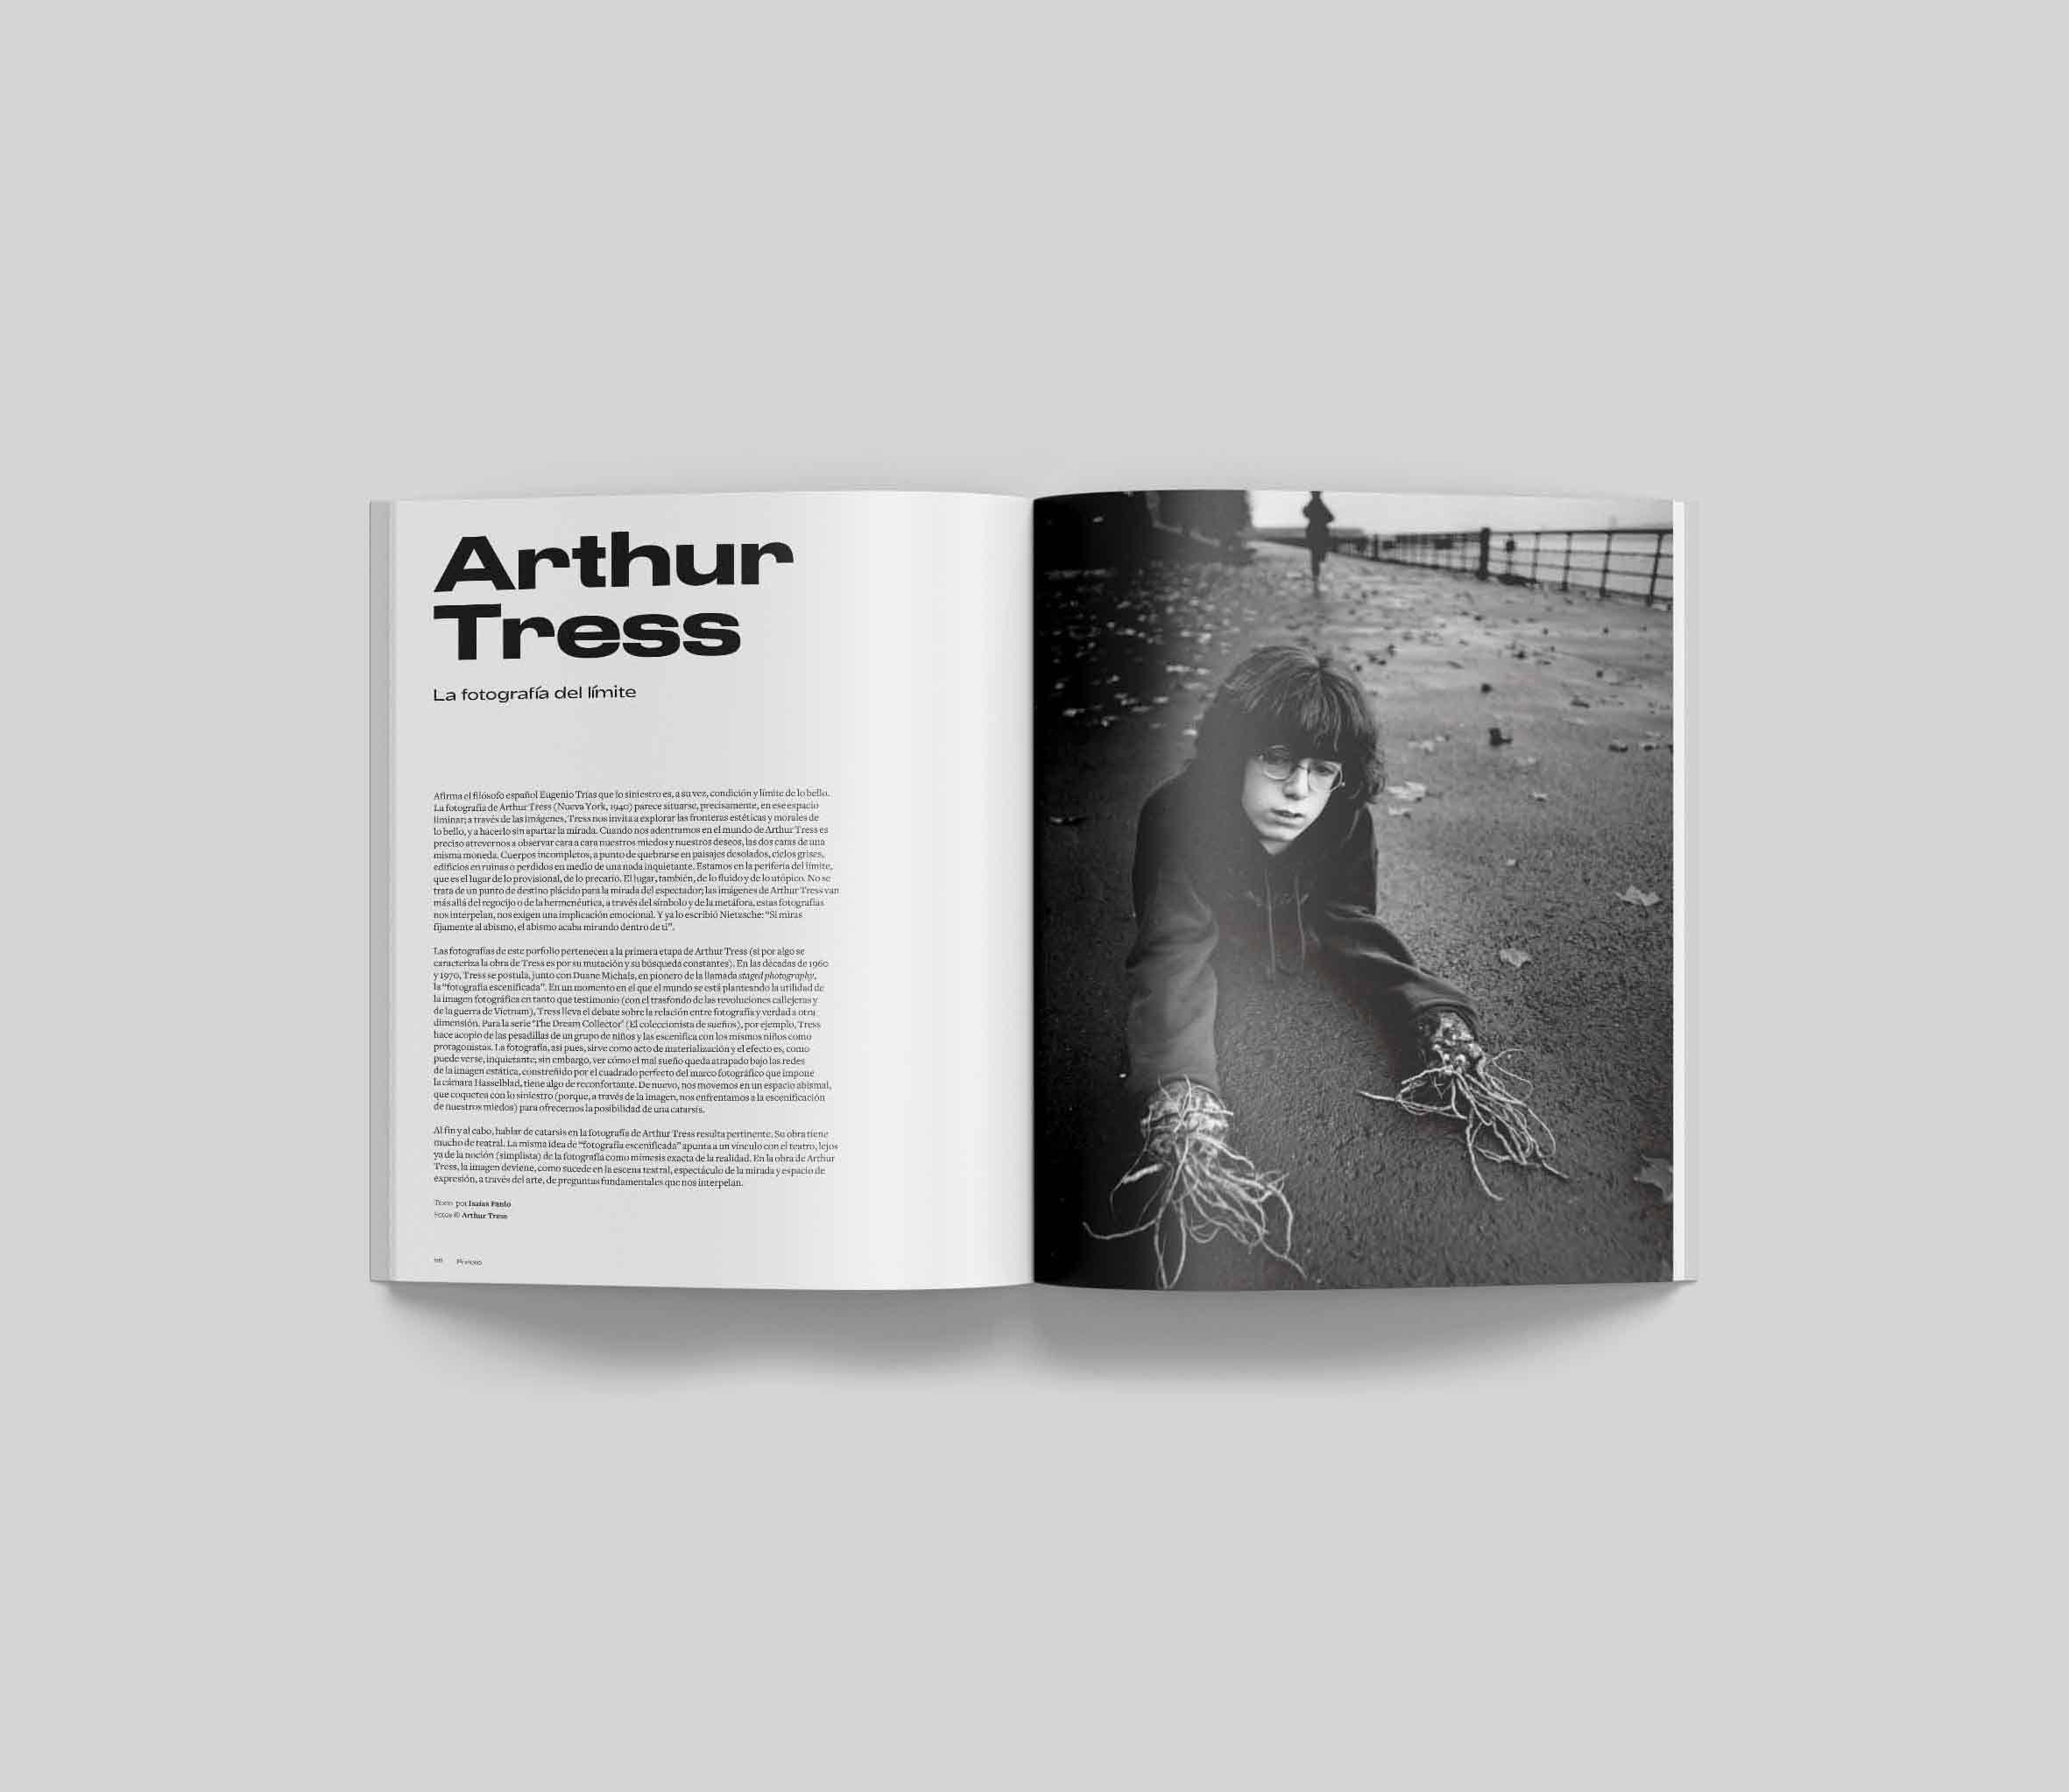 Artur Tress